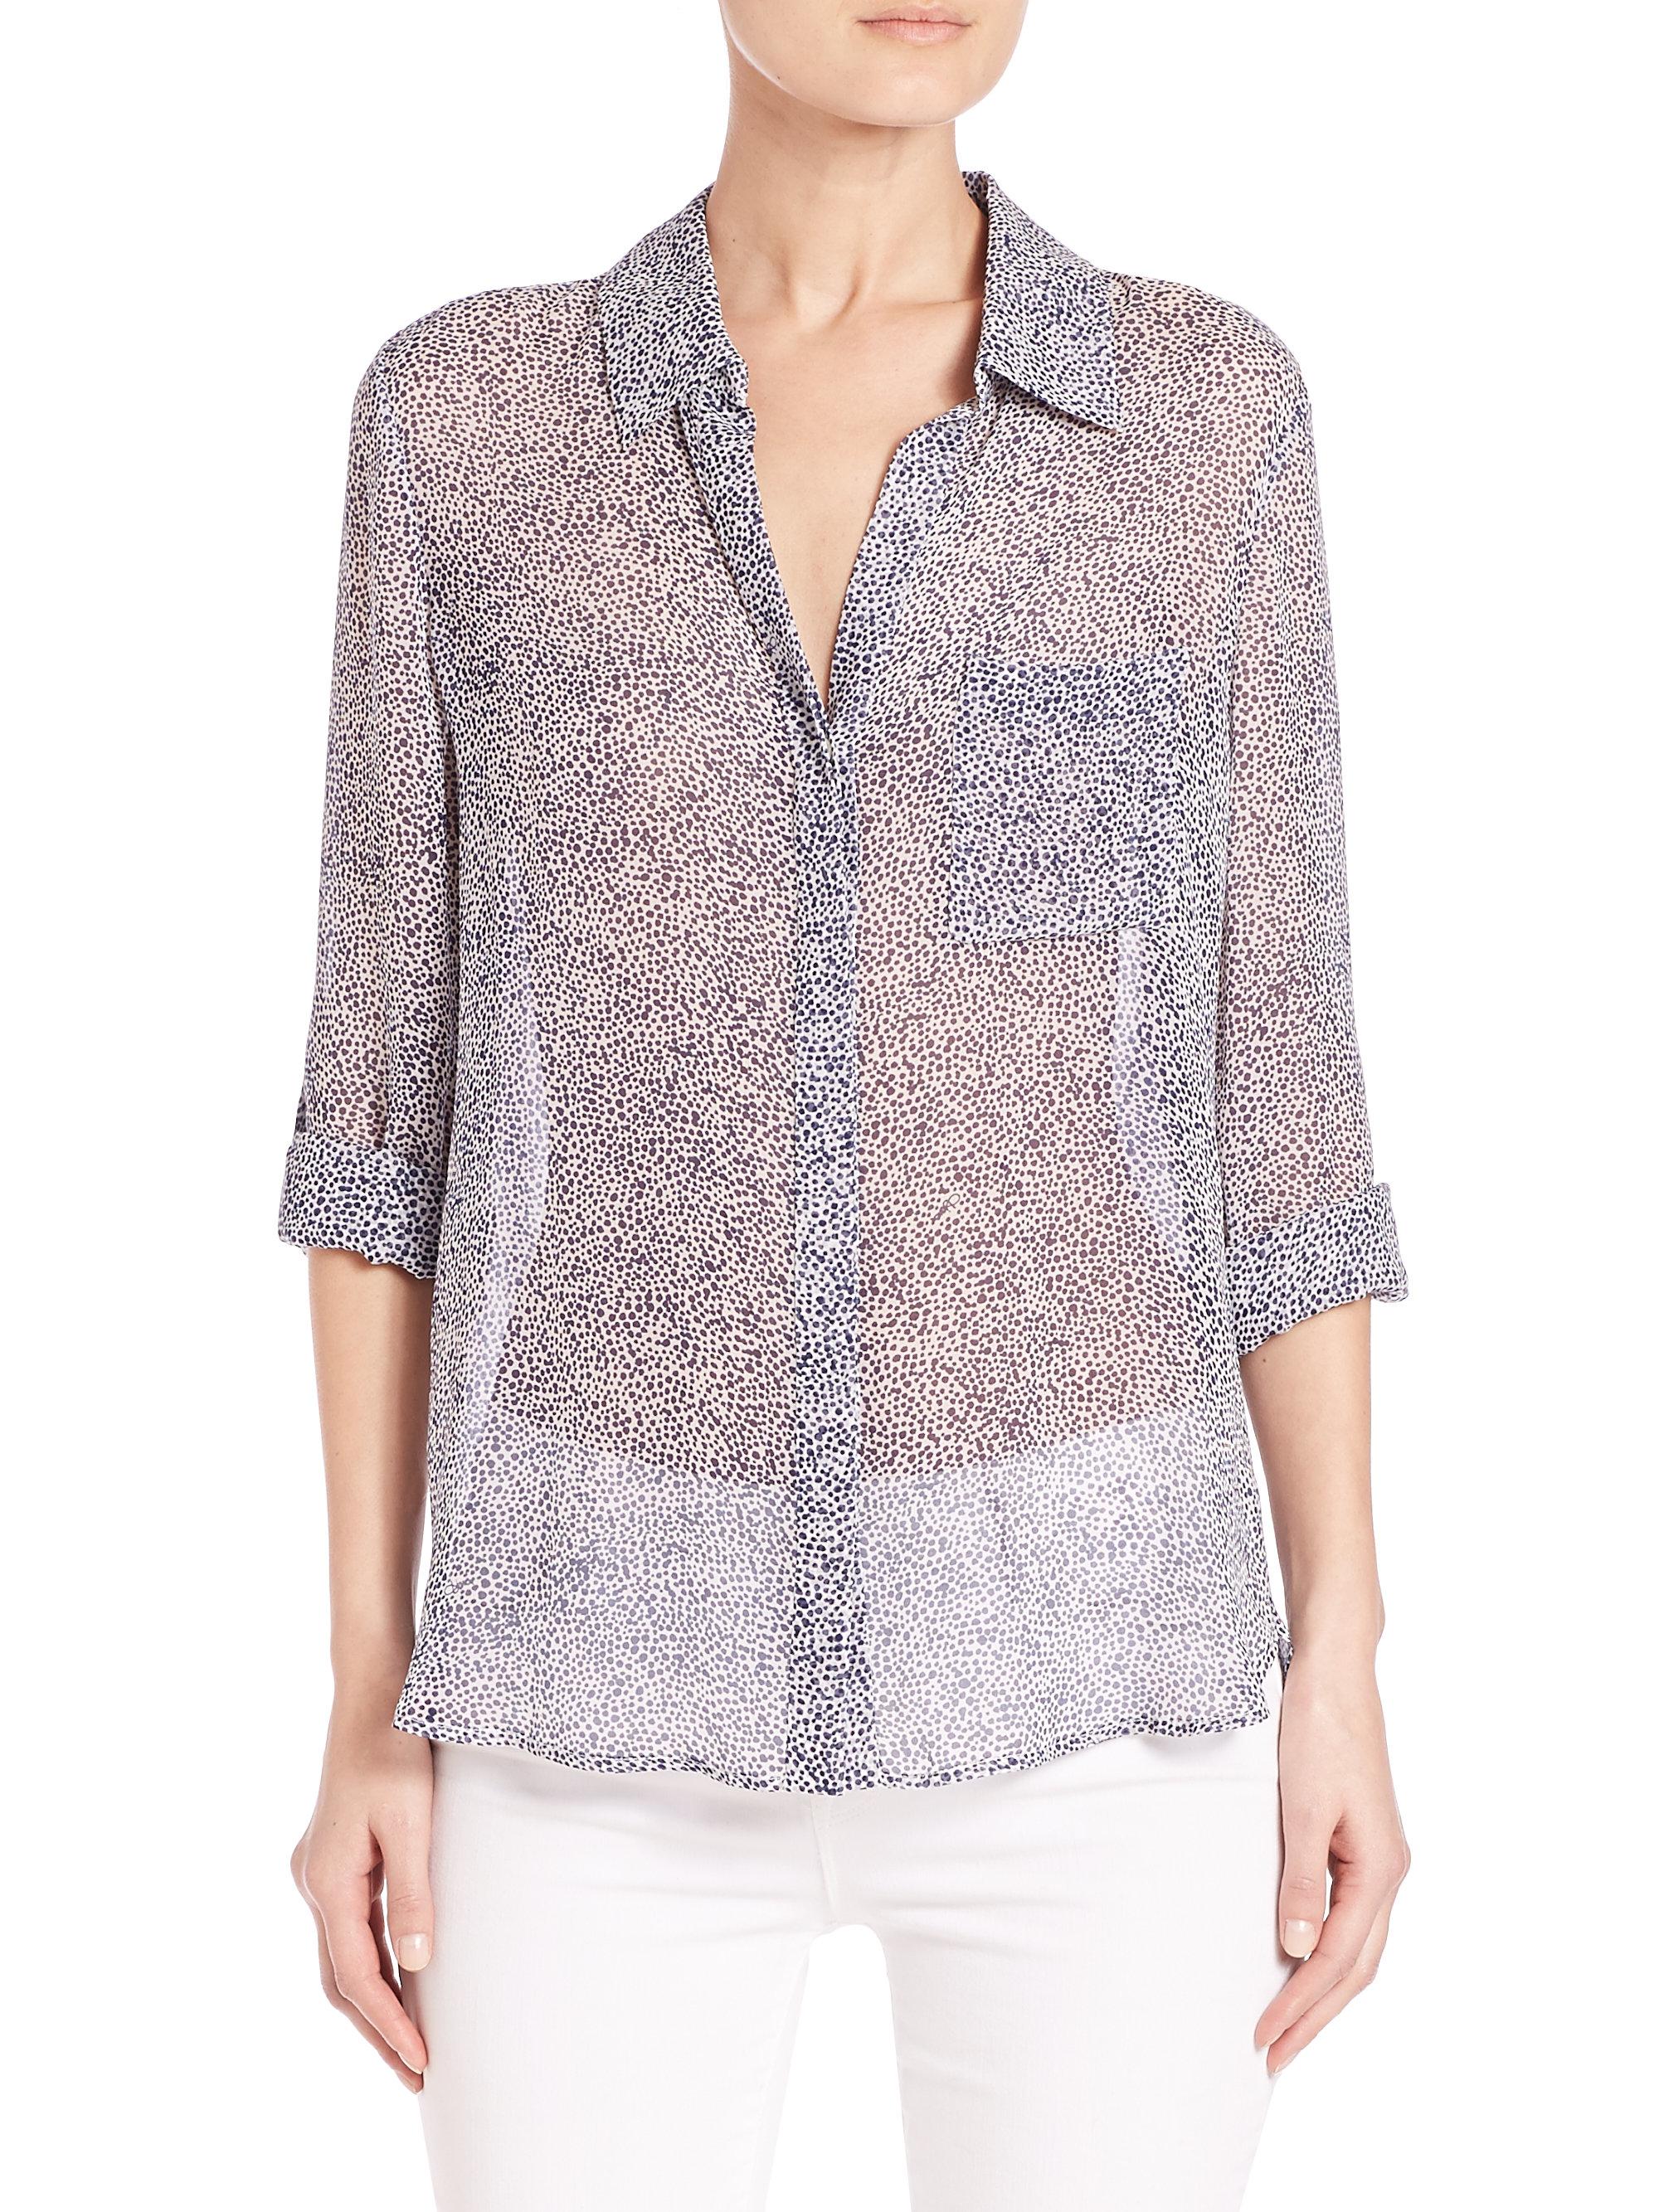 12a6684c1bda4 Diane von Furstenberg Lorelei Two Silk Shirt in Gray - Lyst